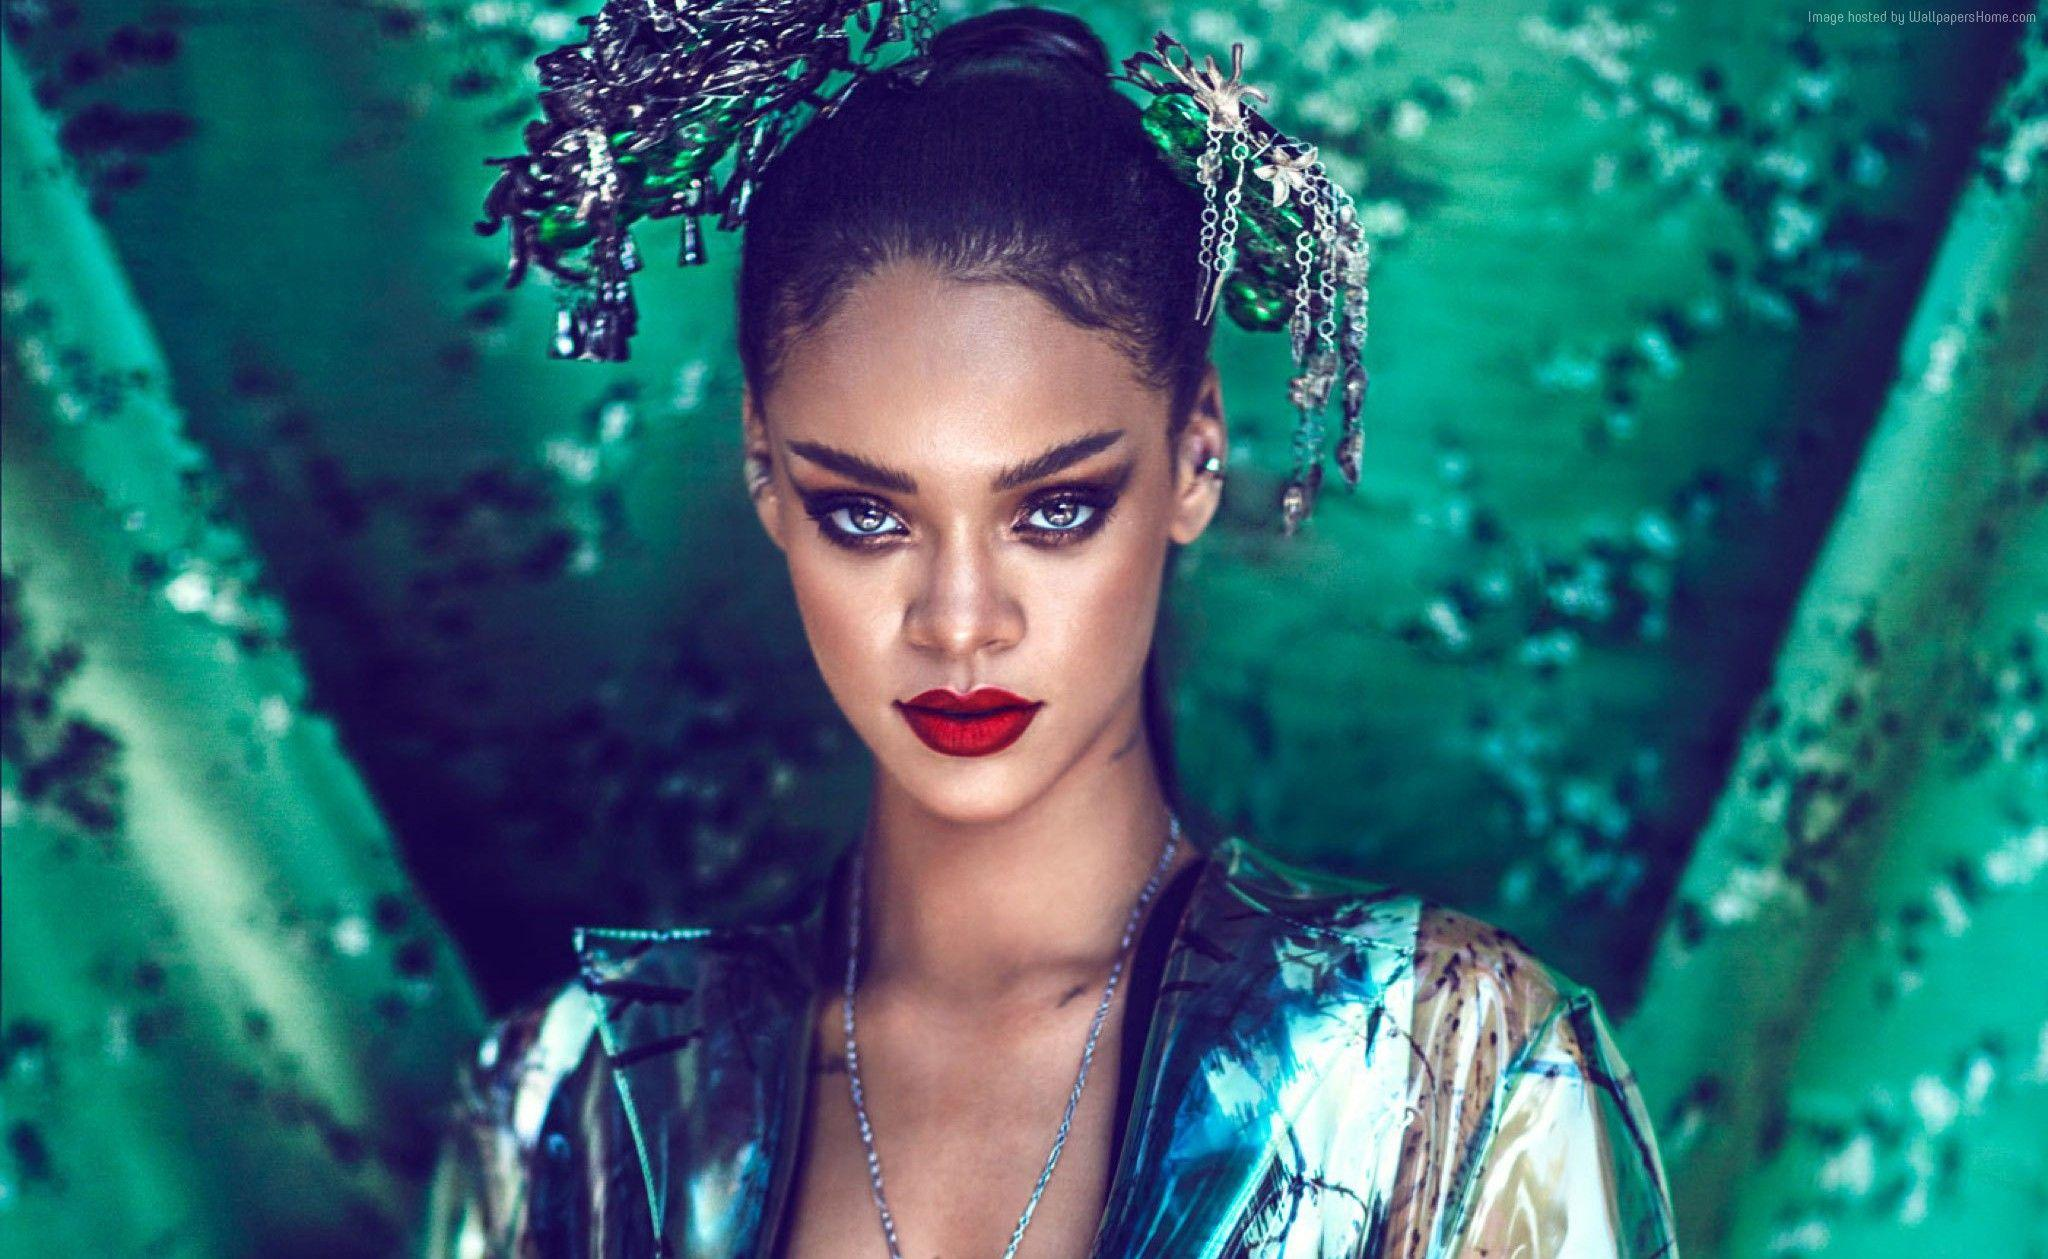 Rihanna 2018 Wallpaper... Rihanna 2018